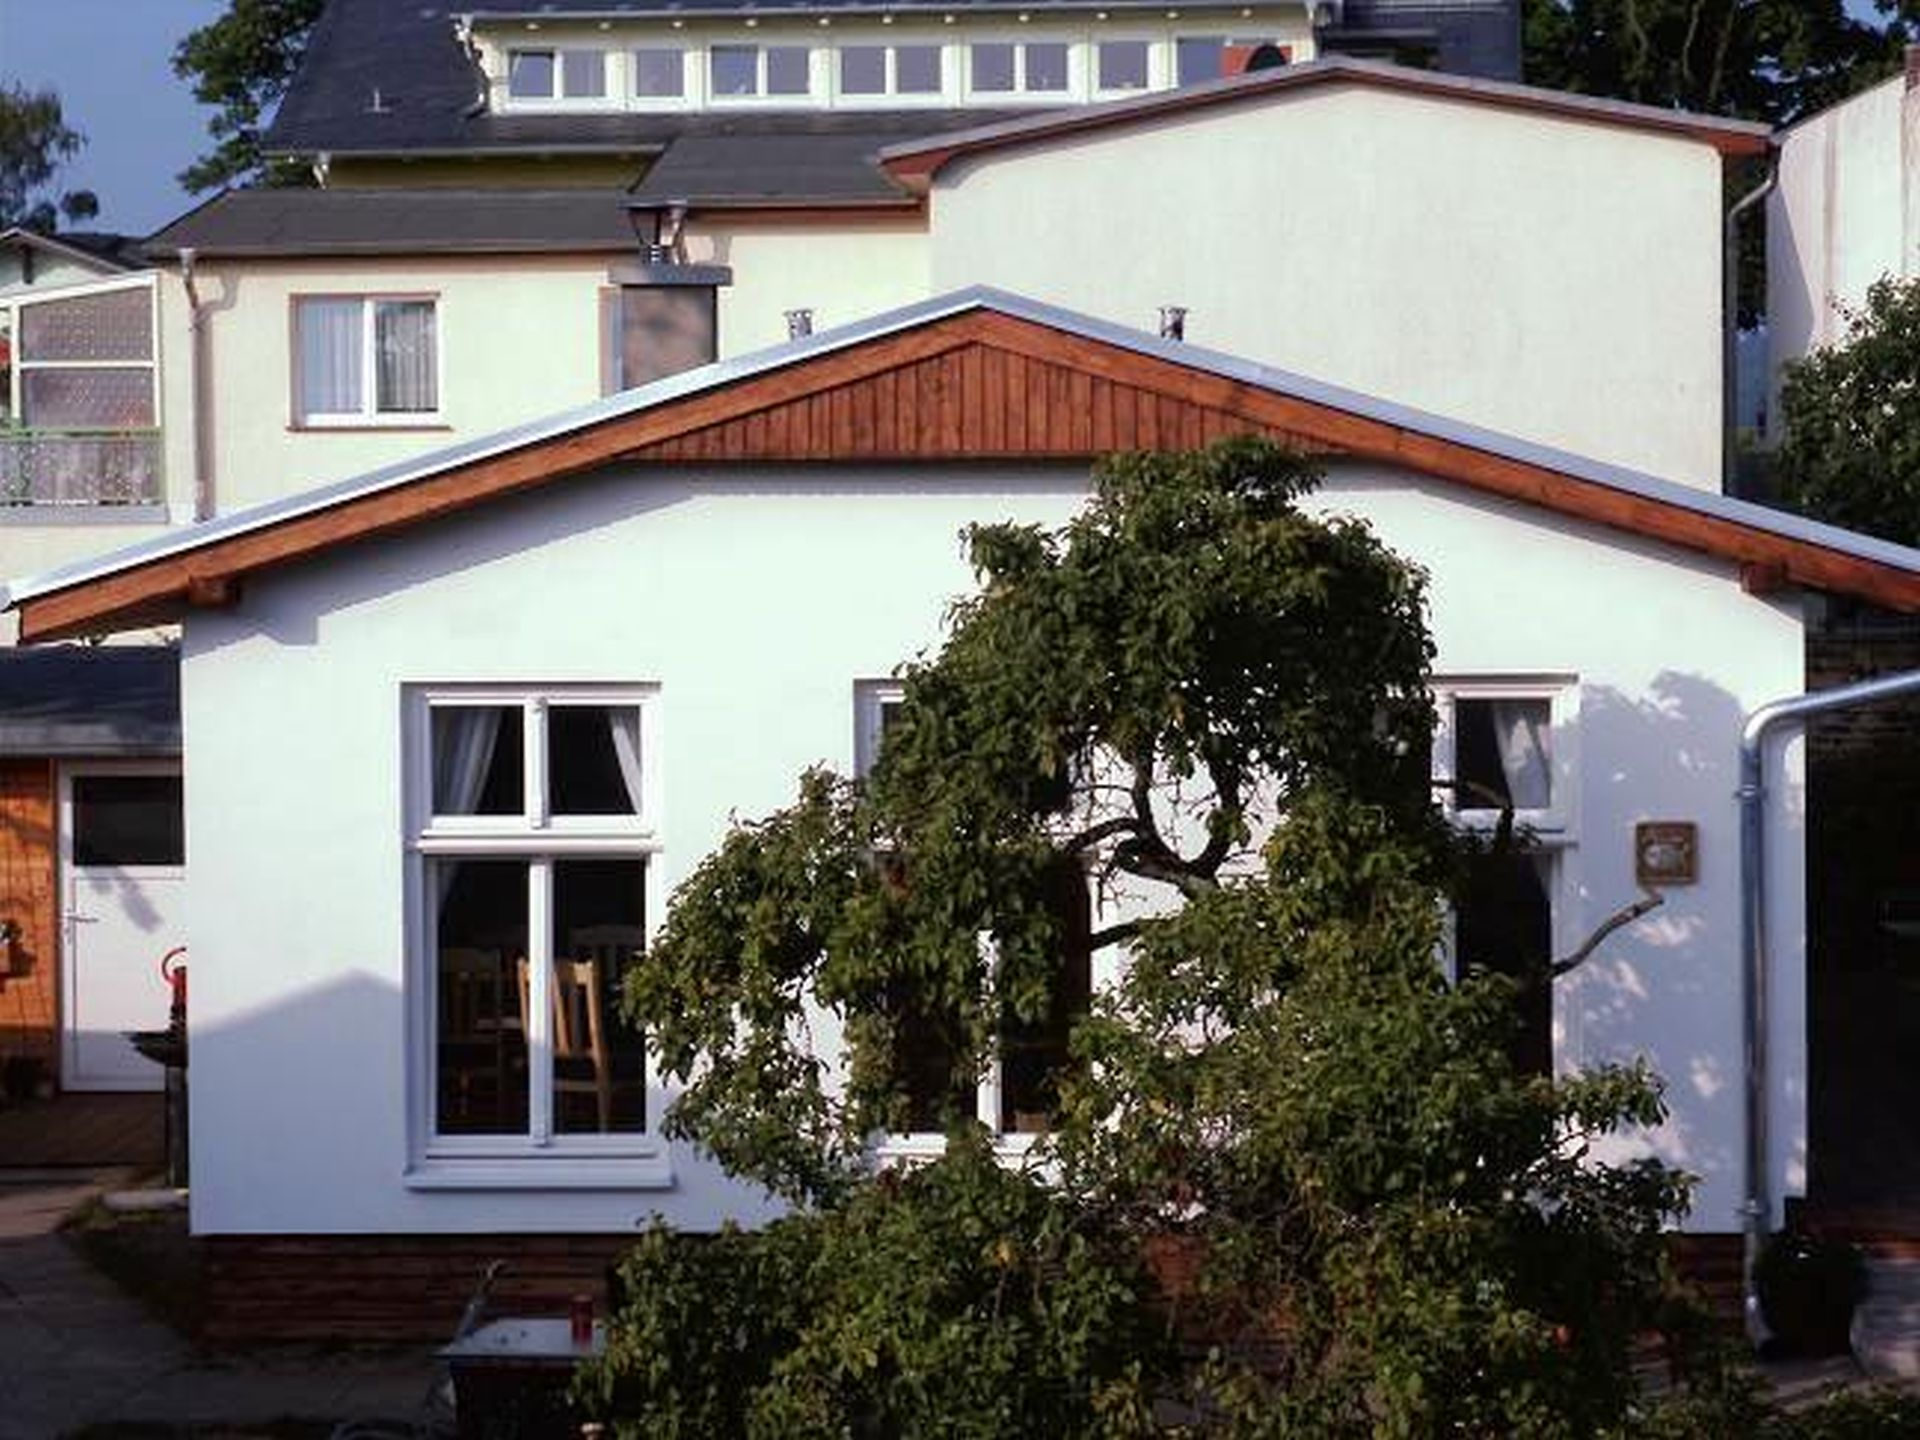 1 au%C3%9Fen Aufnachusedom Ferienwohnung Ferienhaus und Meehr Ahlbeck Bansin Usedom Insel 2 - Ferienhaus Ahlbeck